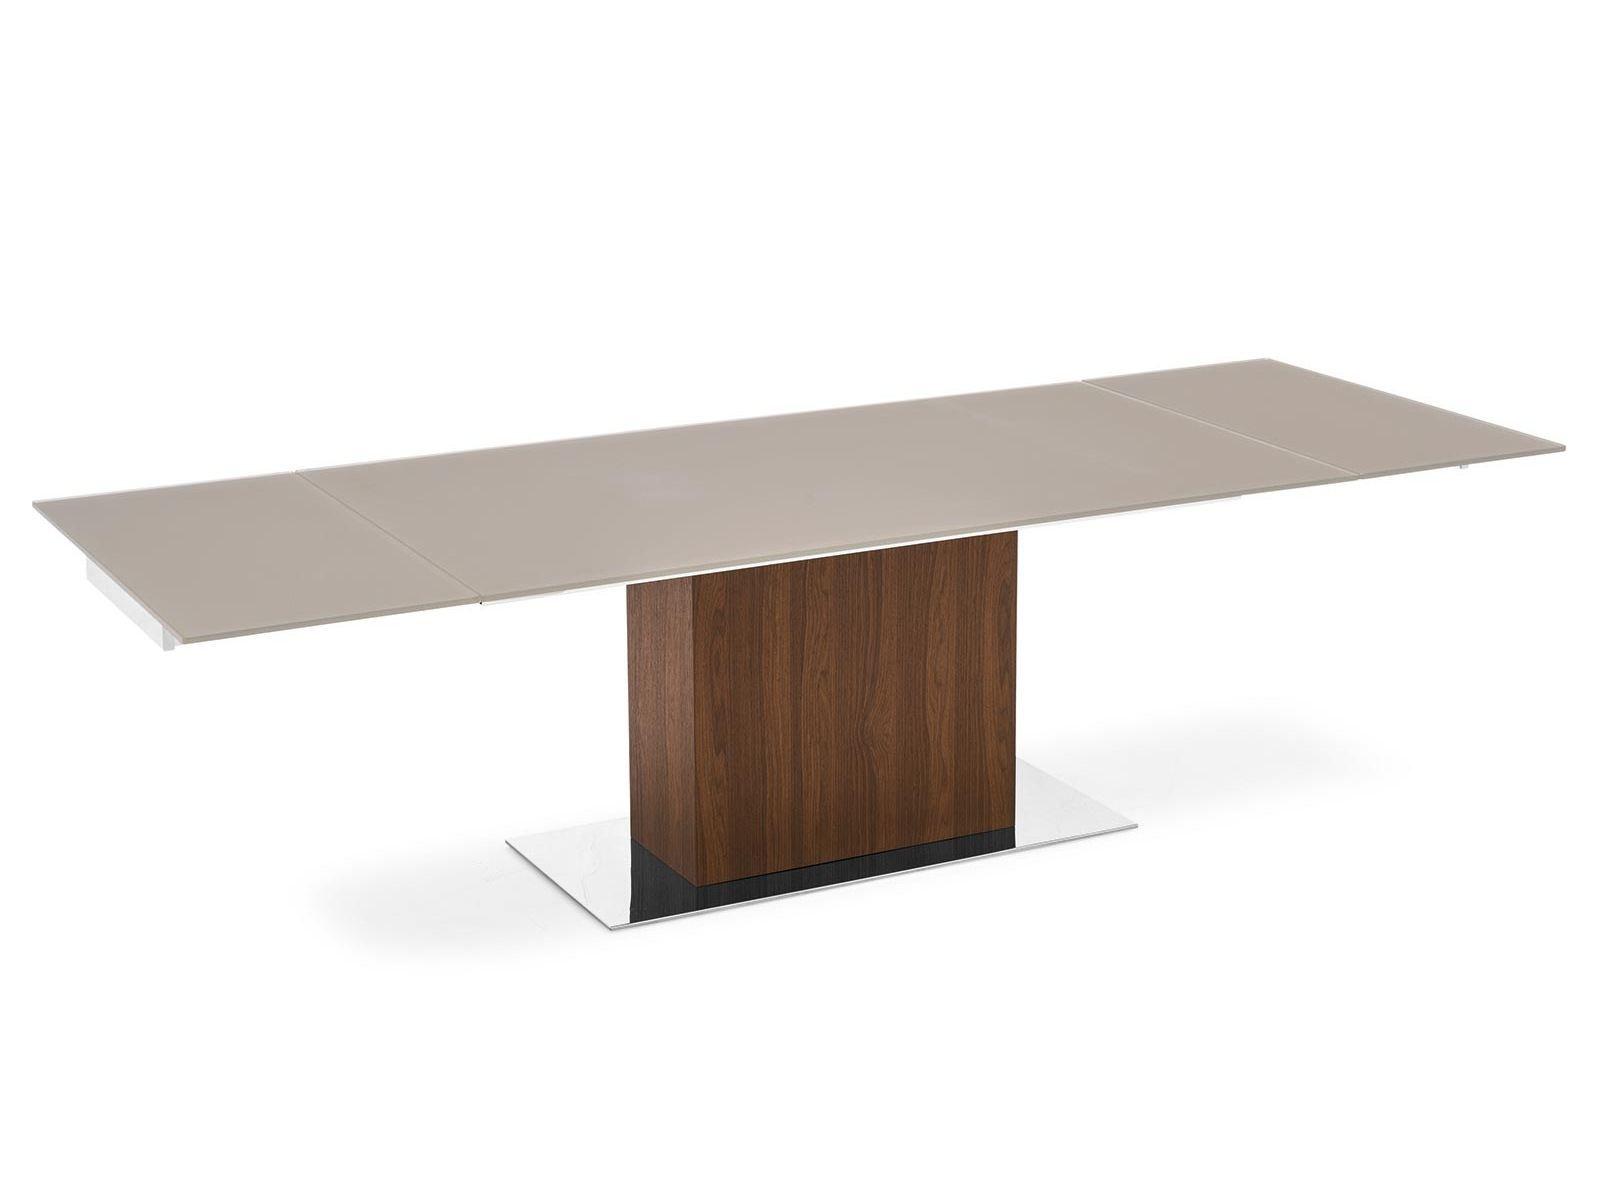 Tavoli in legno e vetro   Archiproducts